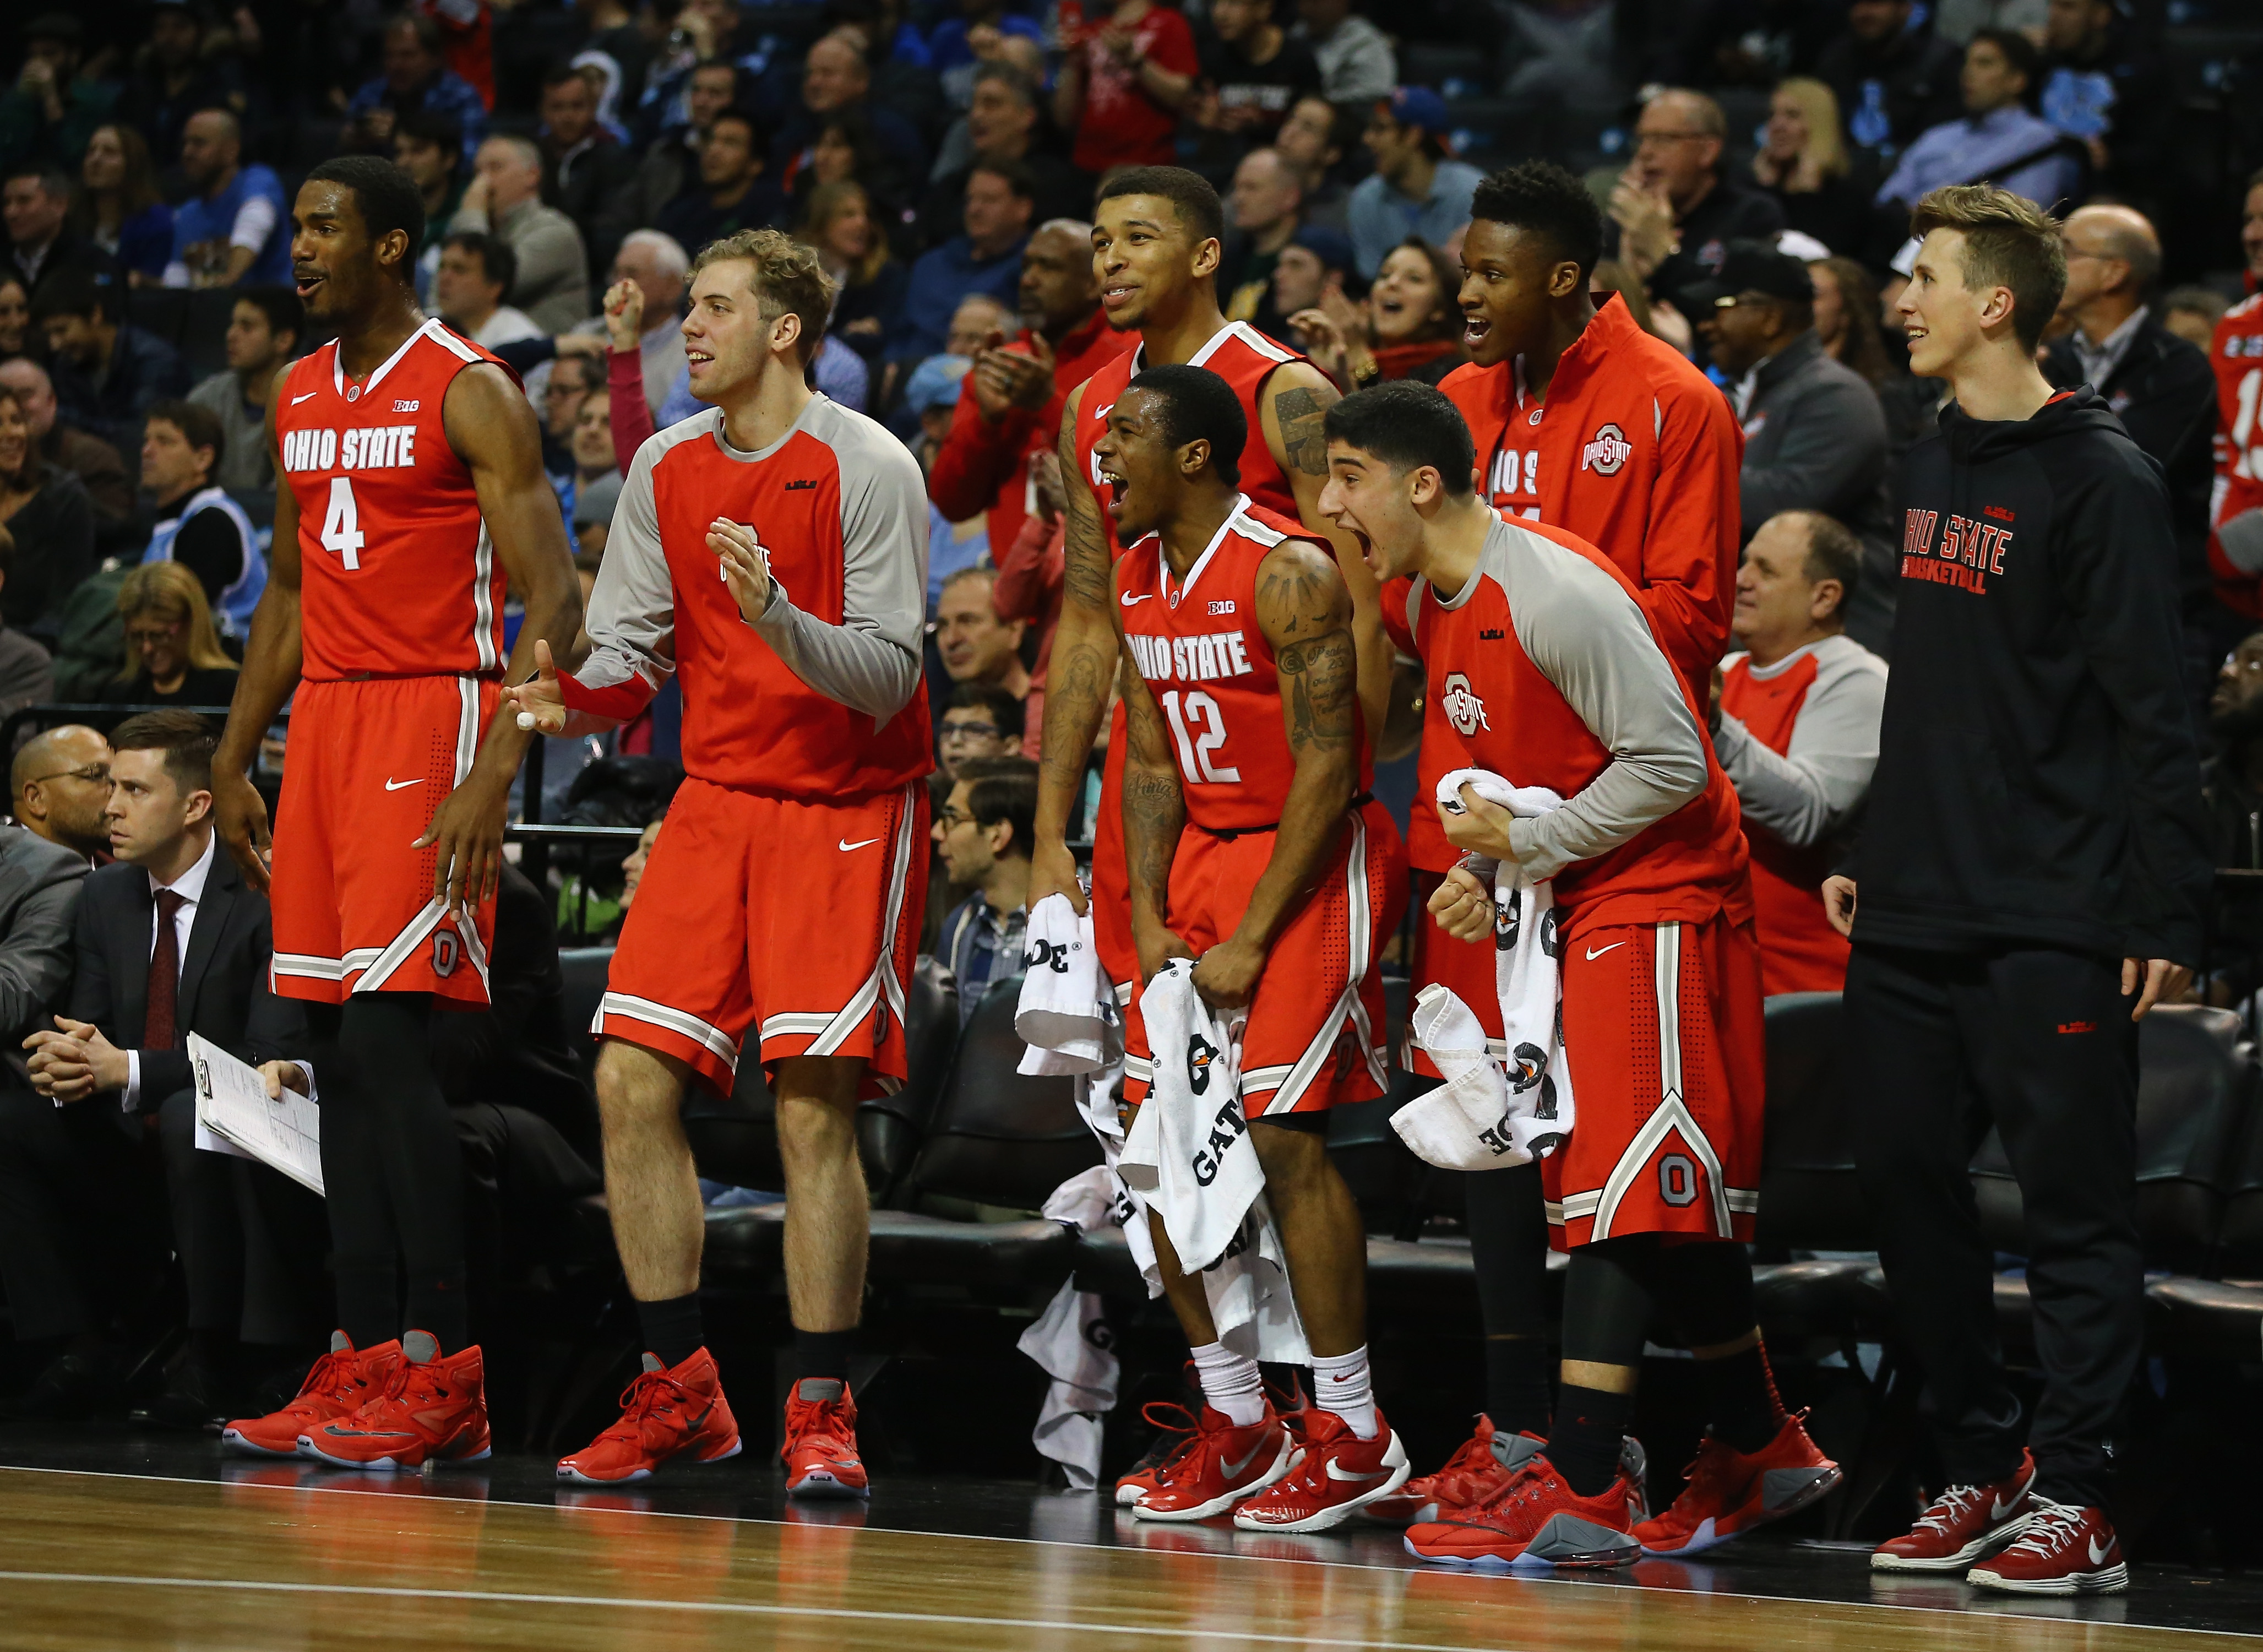 Kentucky Wildcats Basketball 2017 18 Season Preview: Ohio State Basketball: 2017-18 Season Preview For The Buckeyes